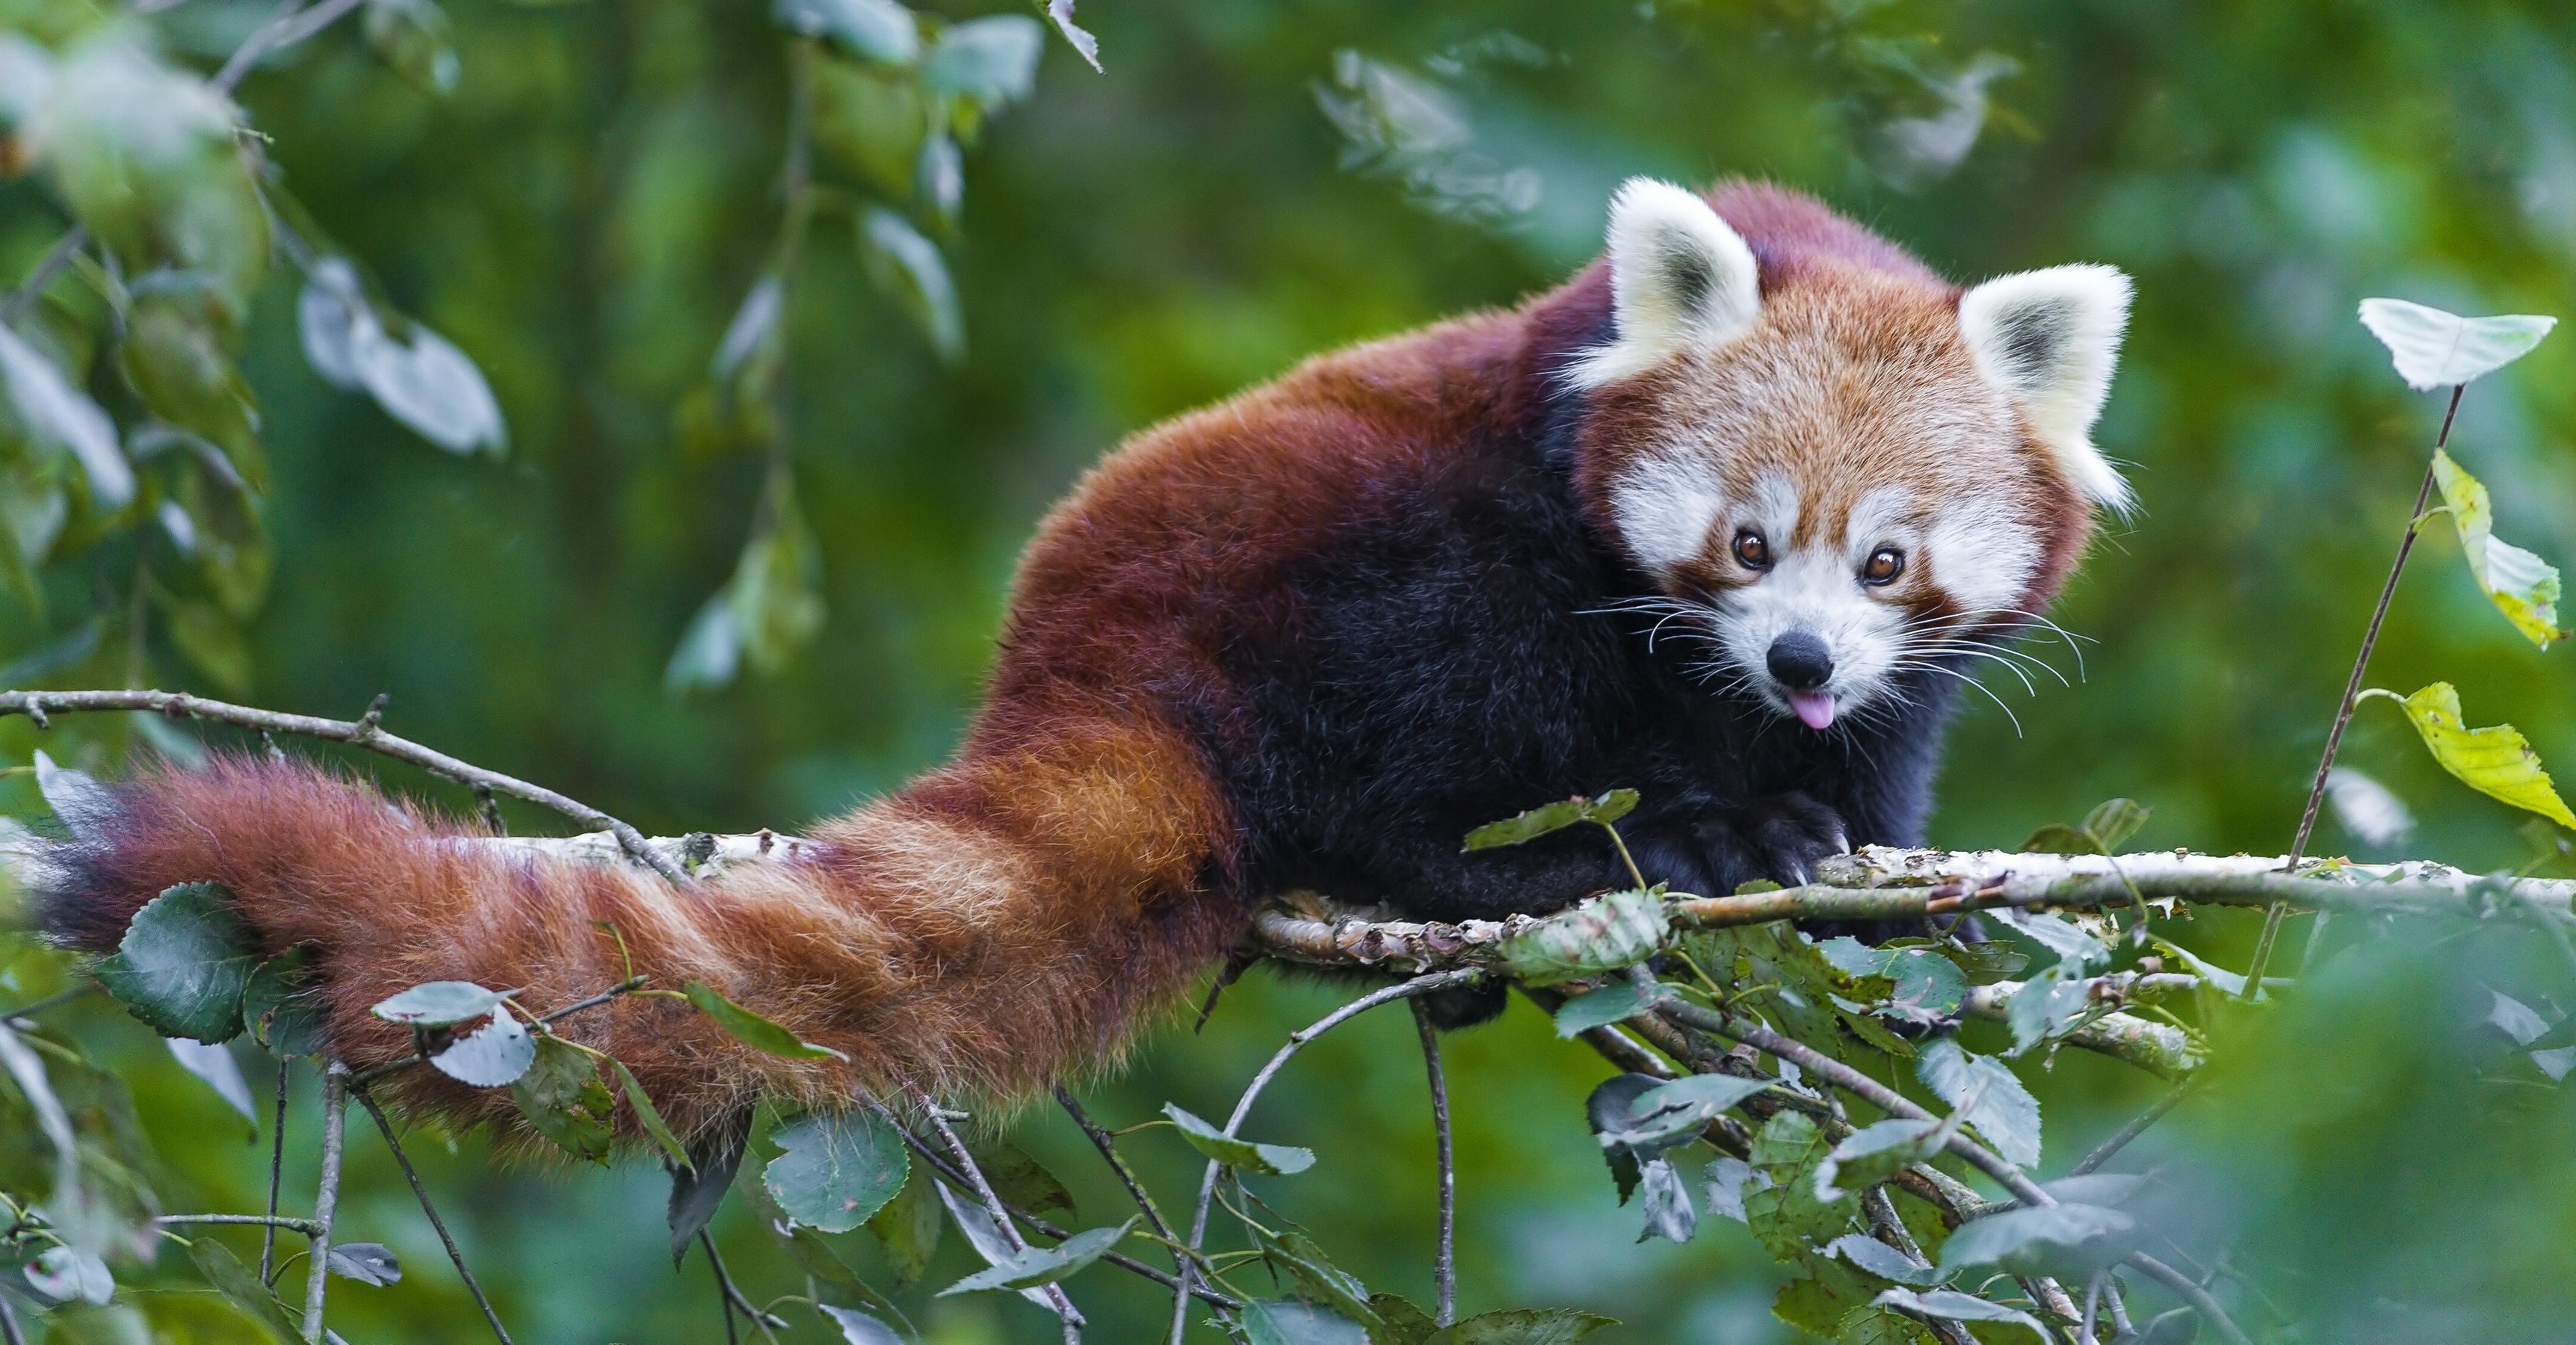 Red Panda wallpapers (56 Wallpapers) – Wallpapers For Desktop | 3447 x 1800 jpeg 4166kB